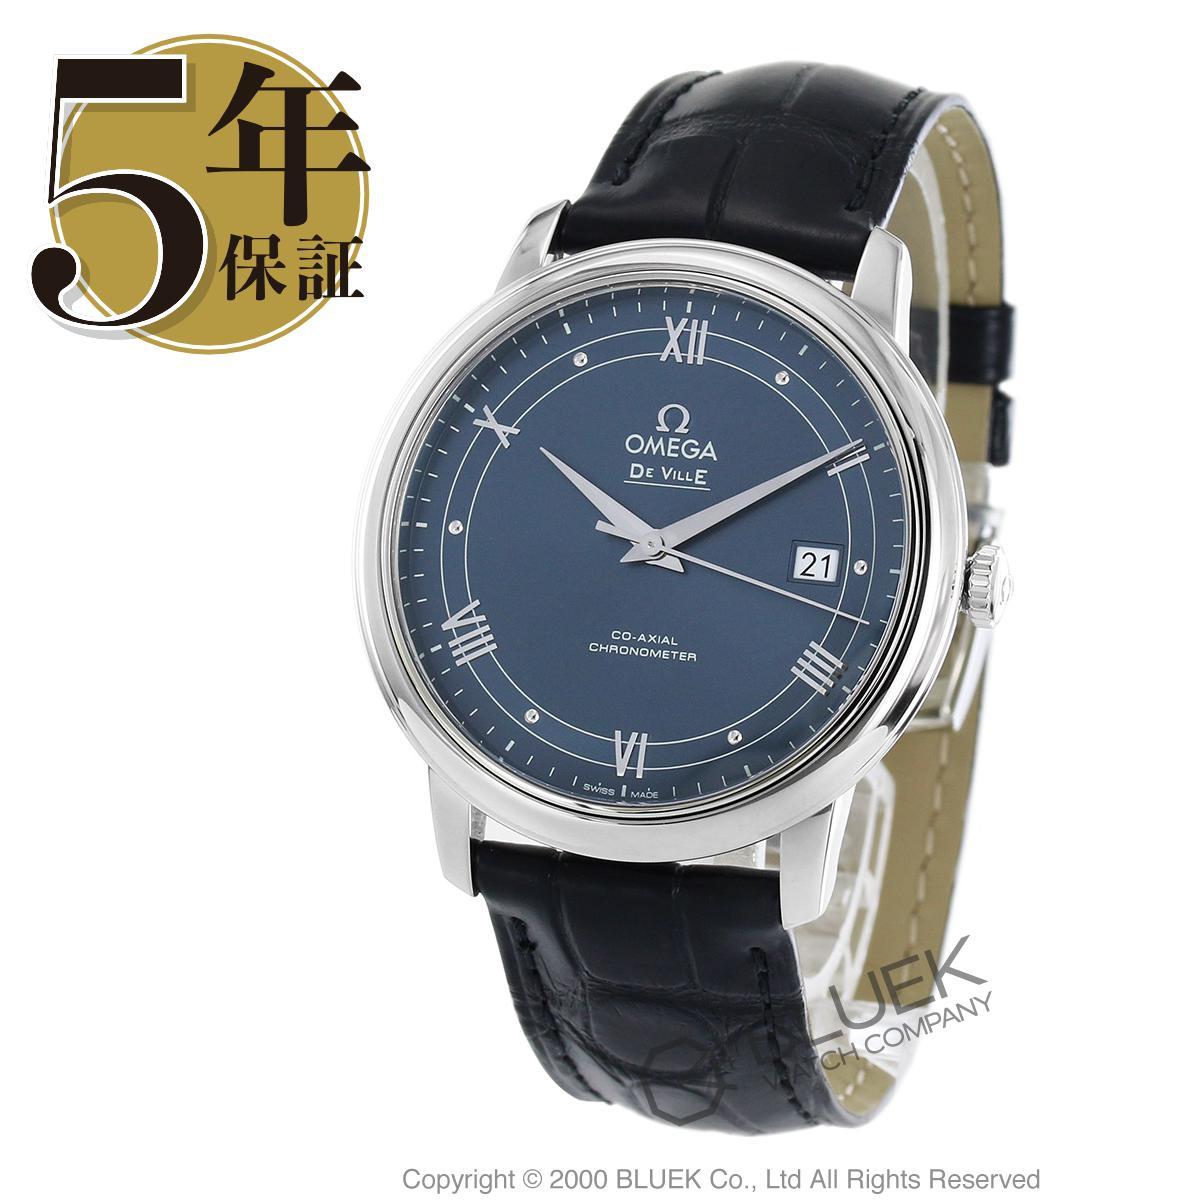 オメガ デビル プレステージ アリゲーターレザー 腕時計 メンズ OMEGA 424.13.40.20.03.002_5